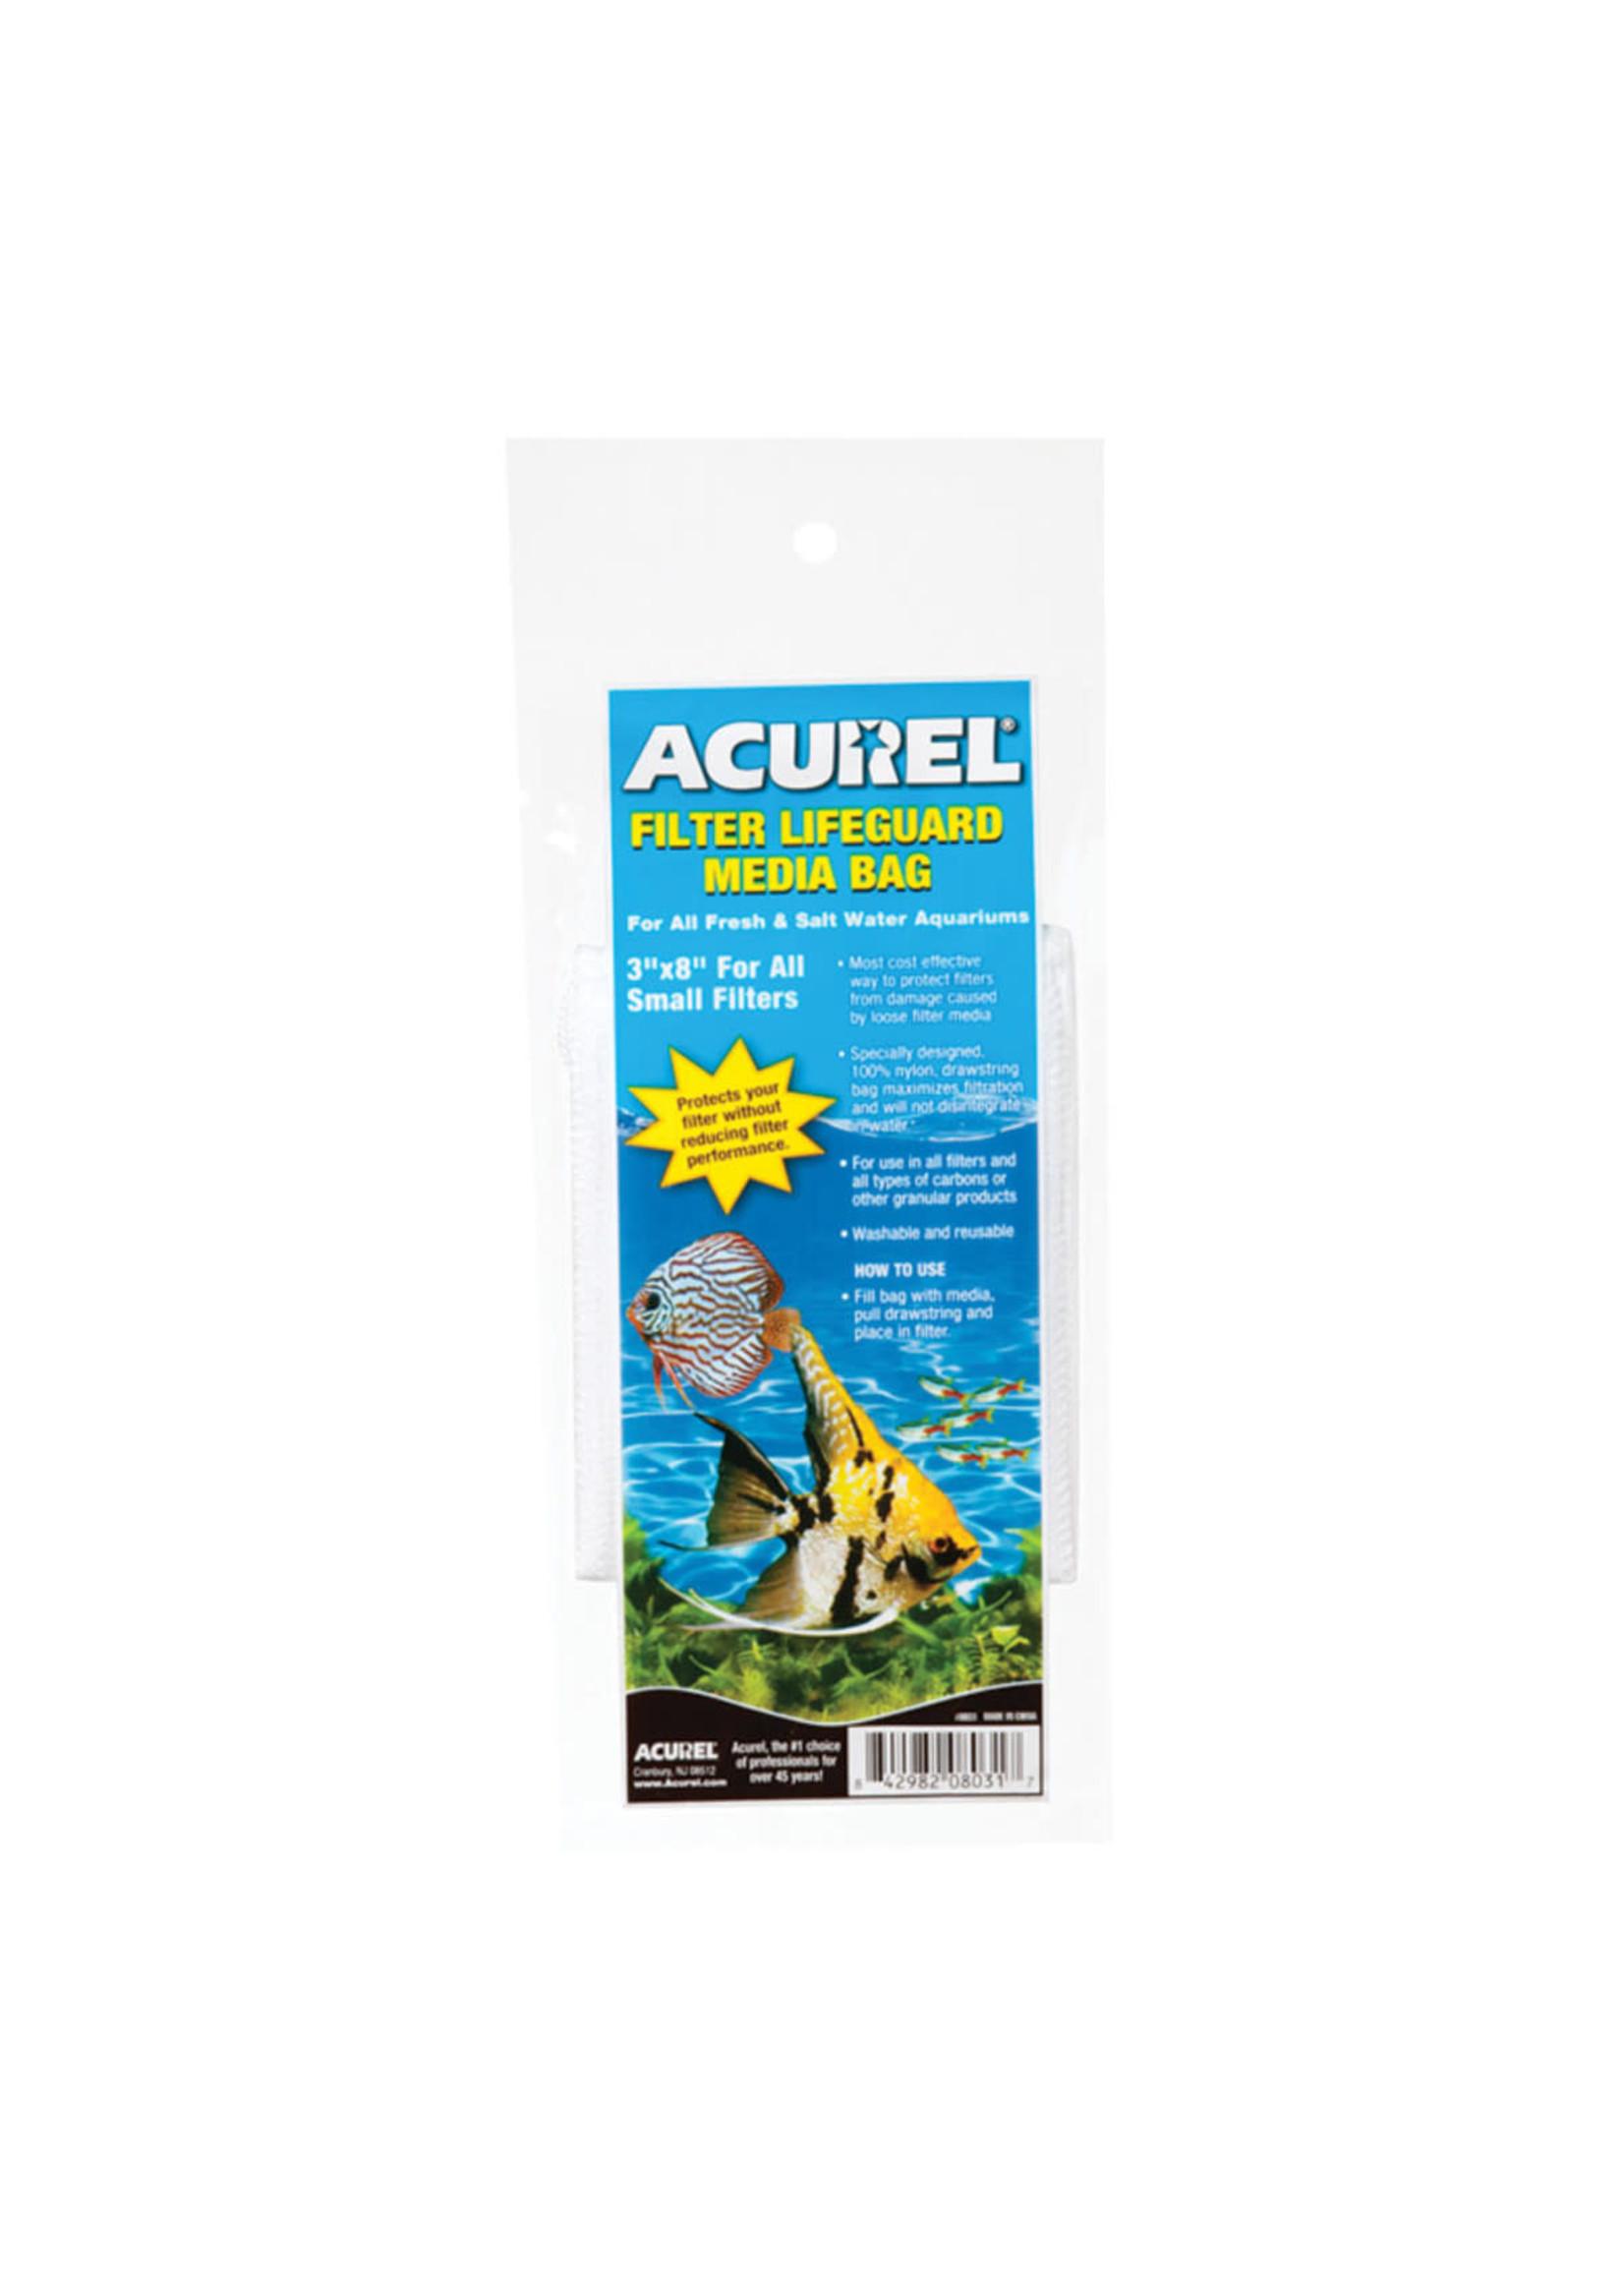 Acurel Acurel Filter Media Bag 3X8